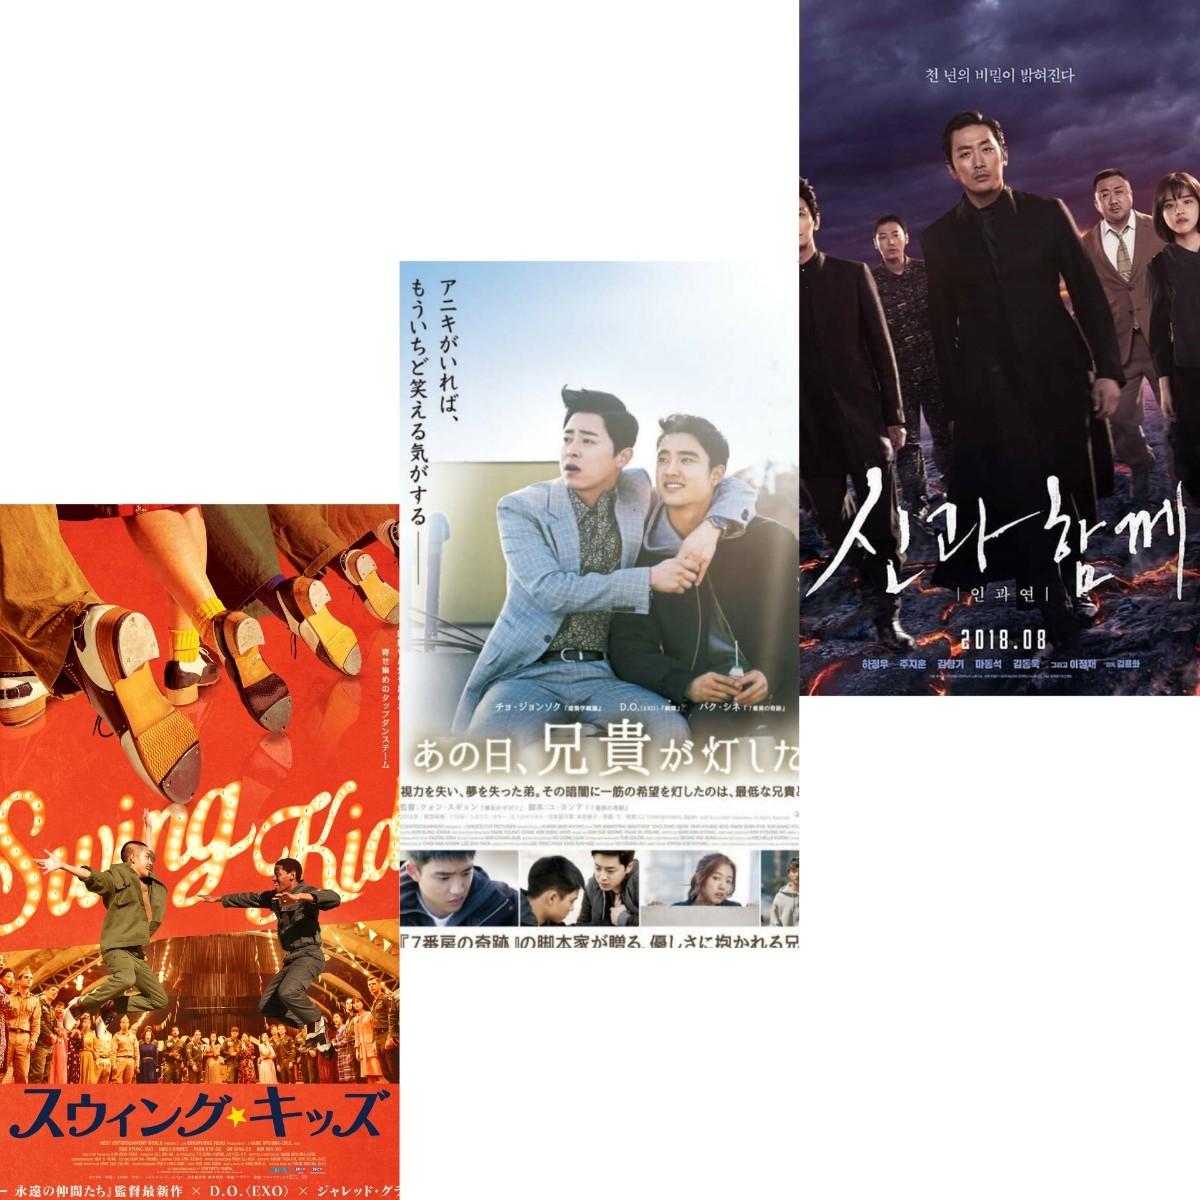 韓国映画  神と共に(第一章.第二章) スウィングキッズ あの日兄貴が灯した光 合計DVD4枚